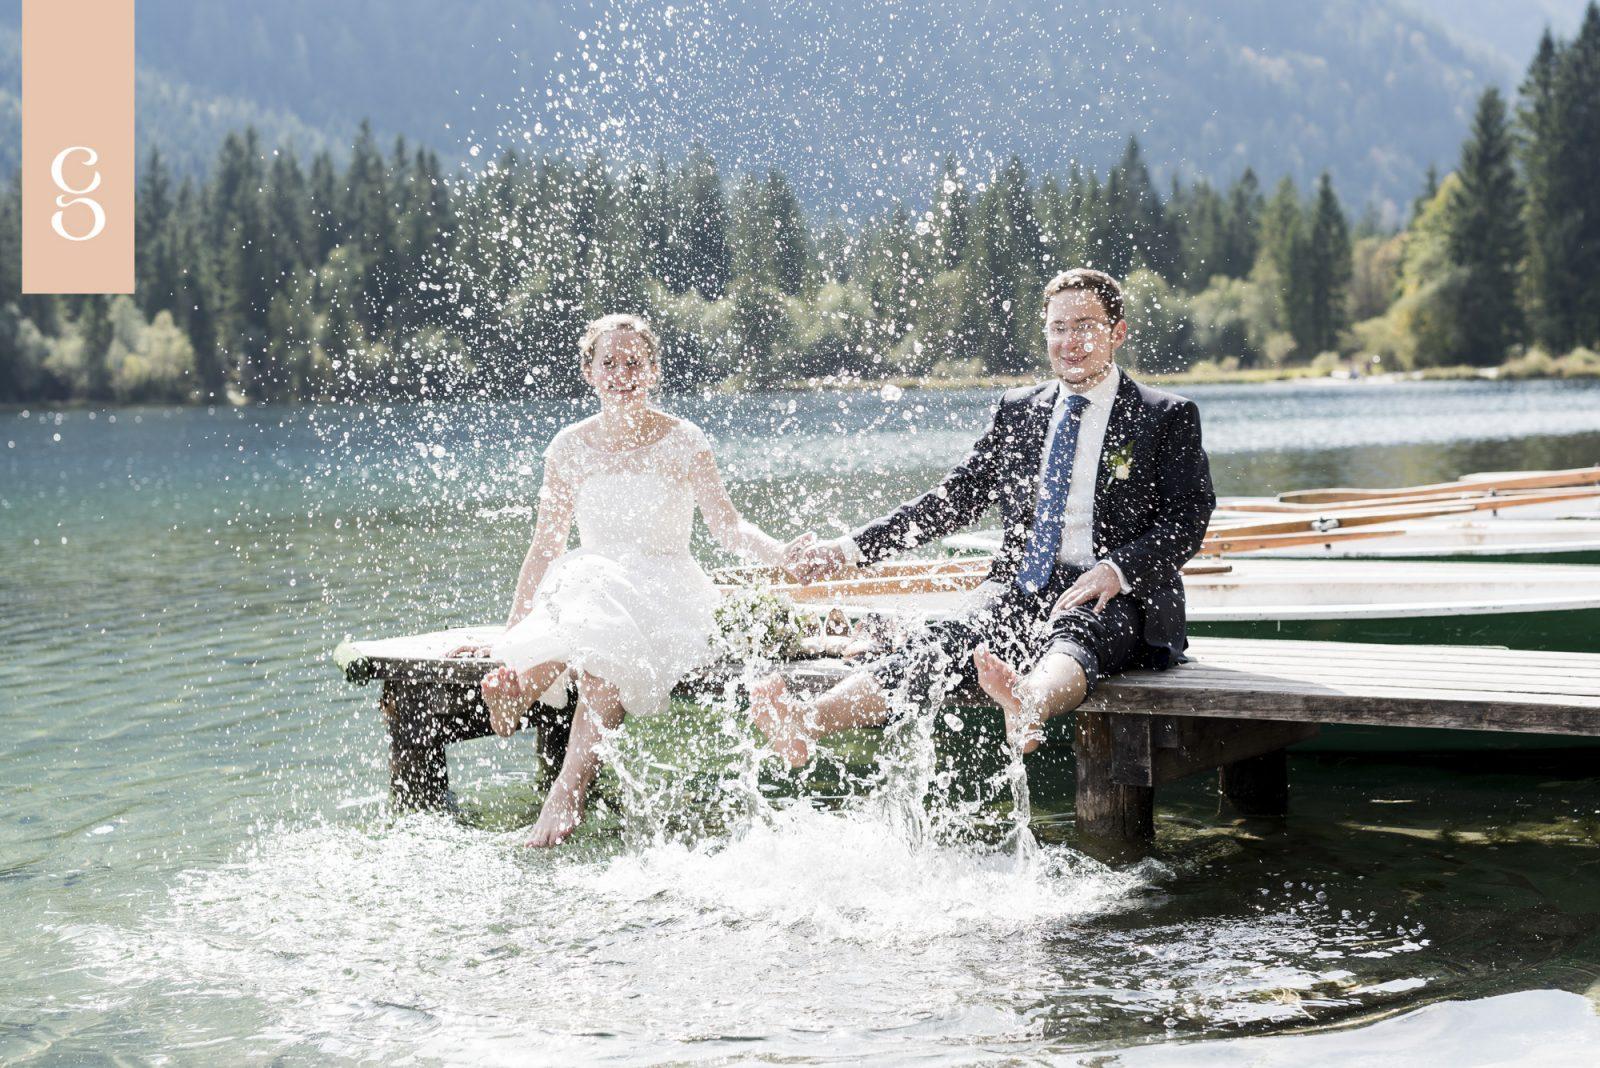 Fotograf_Goettges_Hochzeit_Wedding_Ramsau_Hintersee_Hirschbichl_Berchtesgaden_Hochzeitsfotograf-21